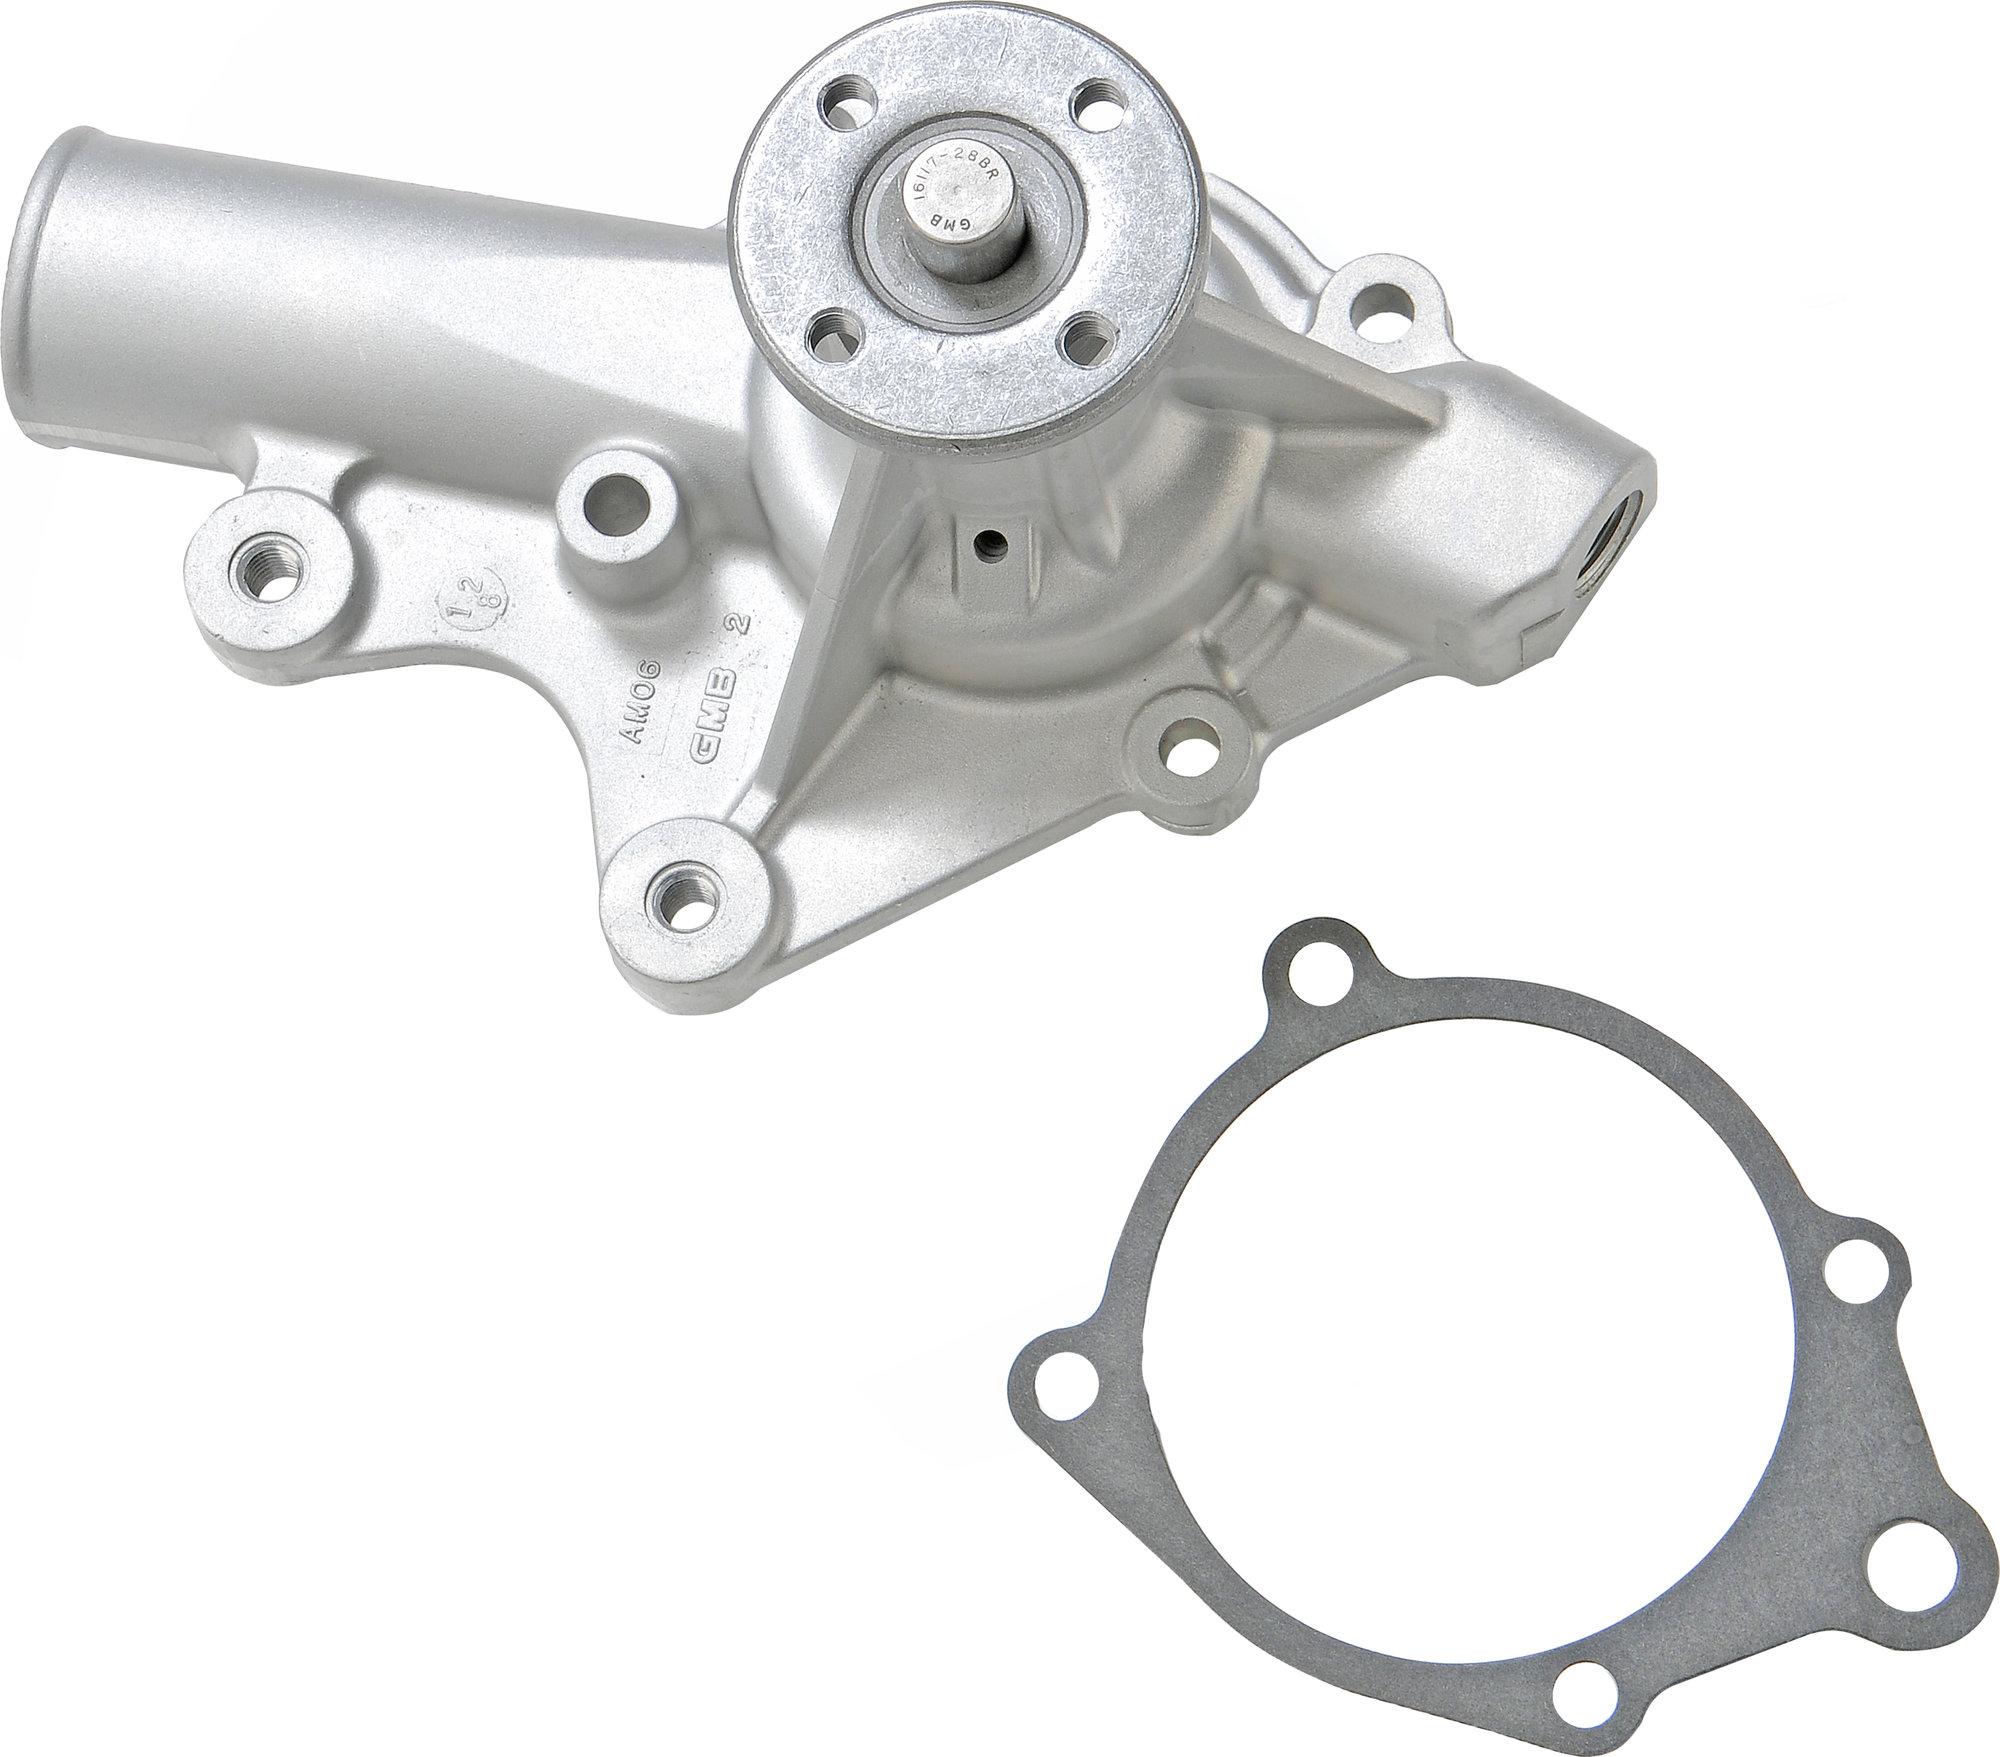 hight resolution of flowkooler 1745 flokooler water pump for 87 90 jeep wrangler yj with v belt on 2 5l i 4 or 4 2l i 6 engine quadratec